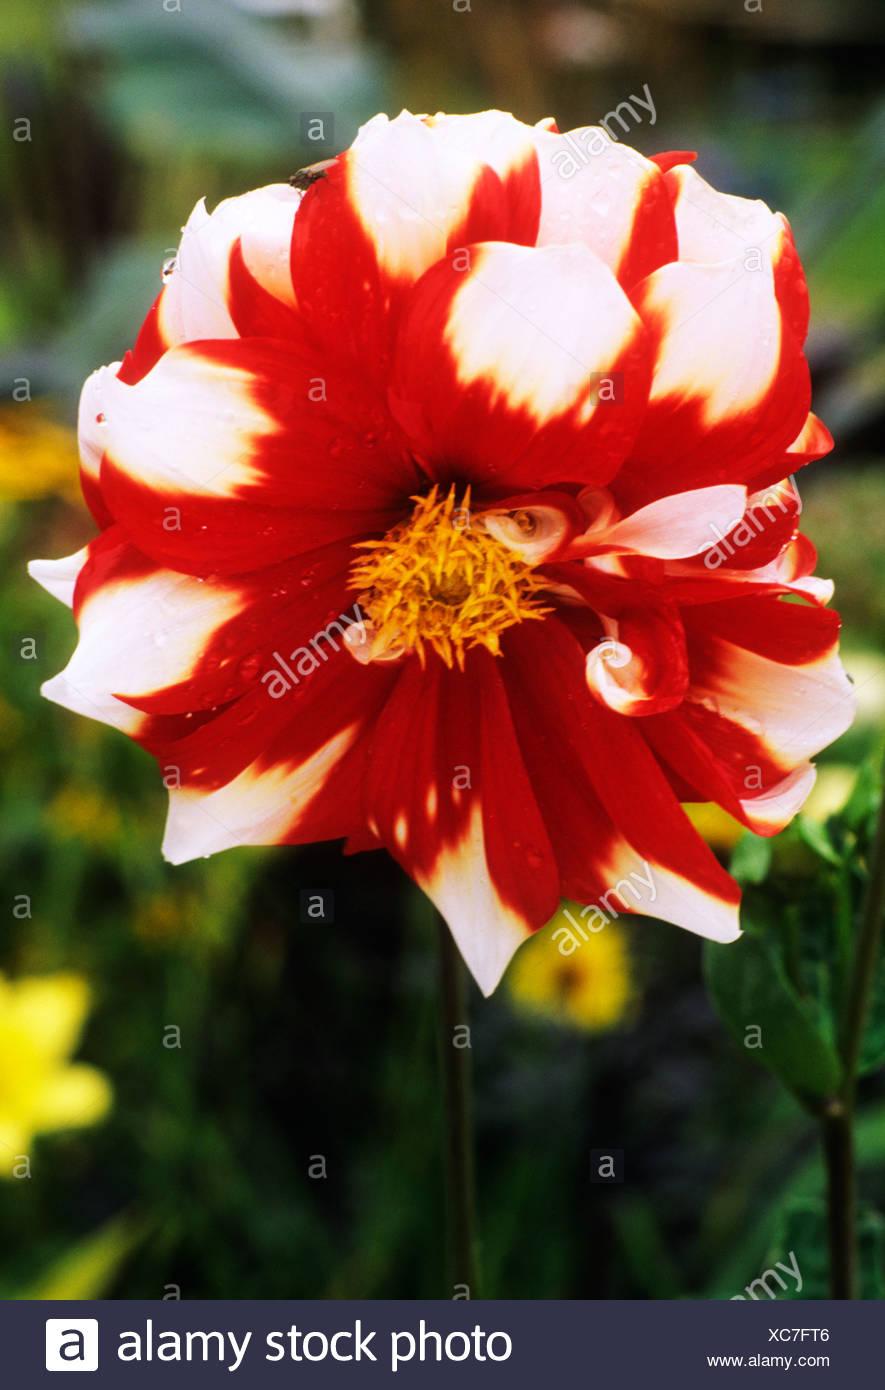 Dahlia Fuego Y Hielo De Flores Rojas Y Blancas Flores Plantas